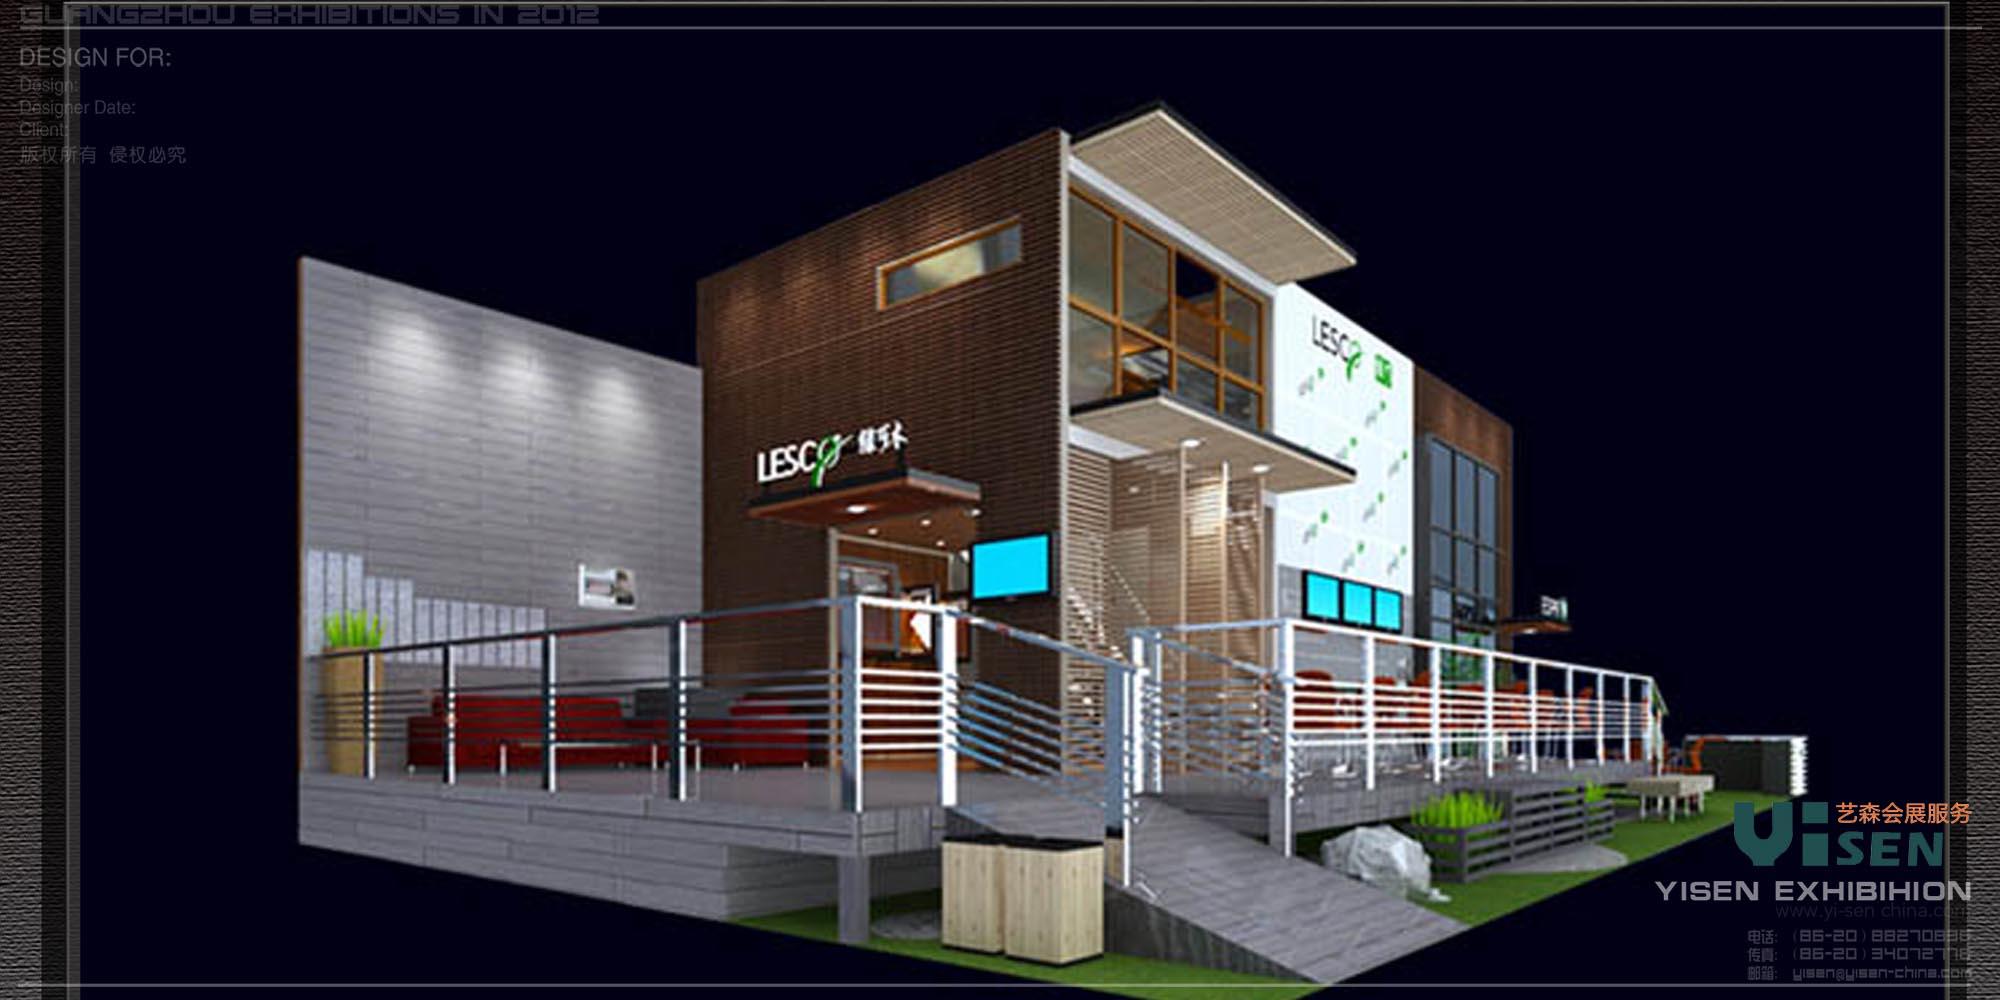 广州展览设计与搭建,旅游展位搭建制作 (2000x1000)-澳门展台设